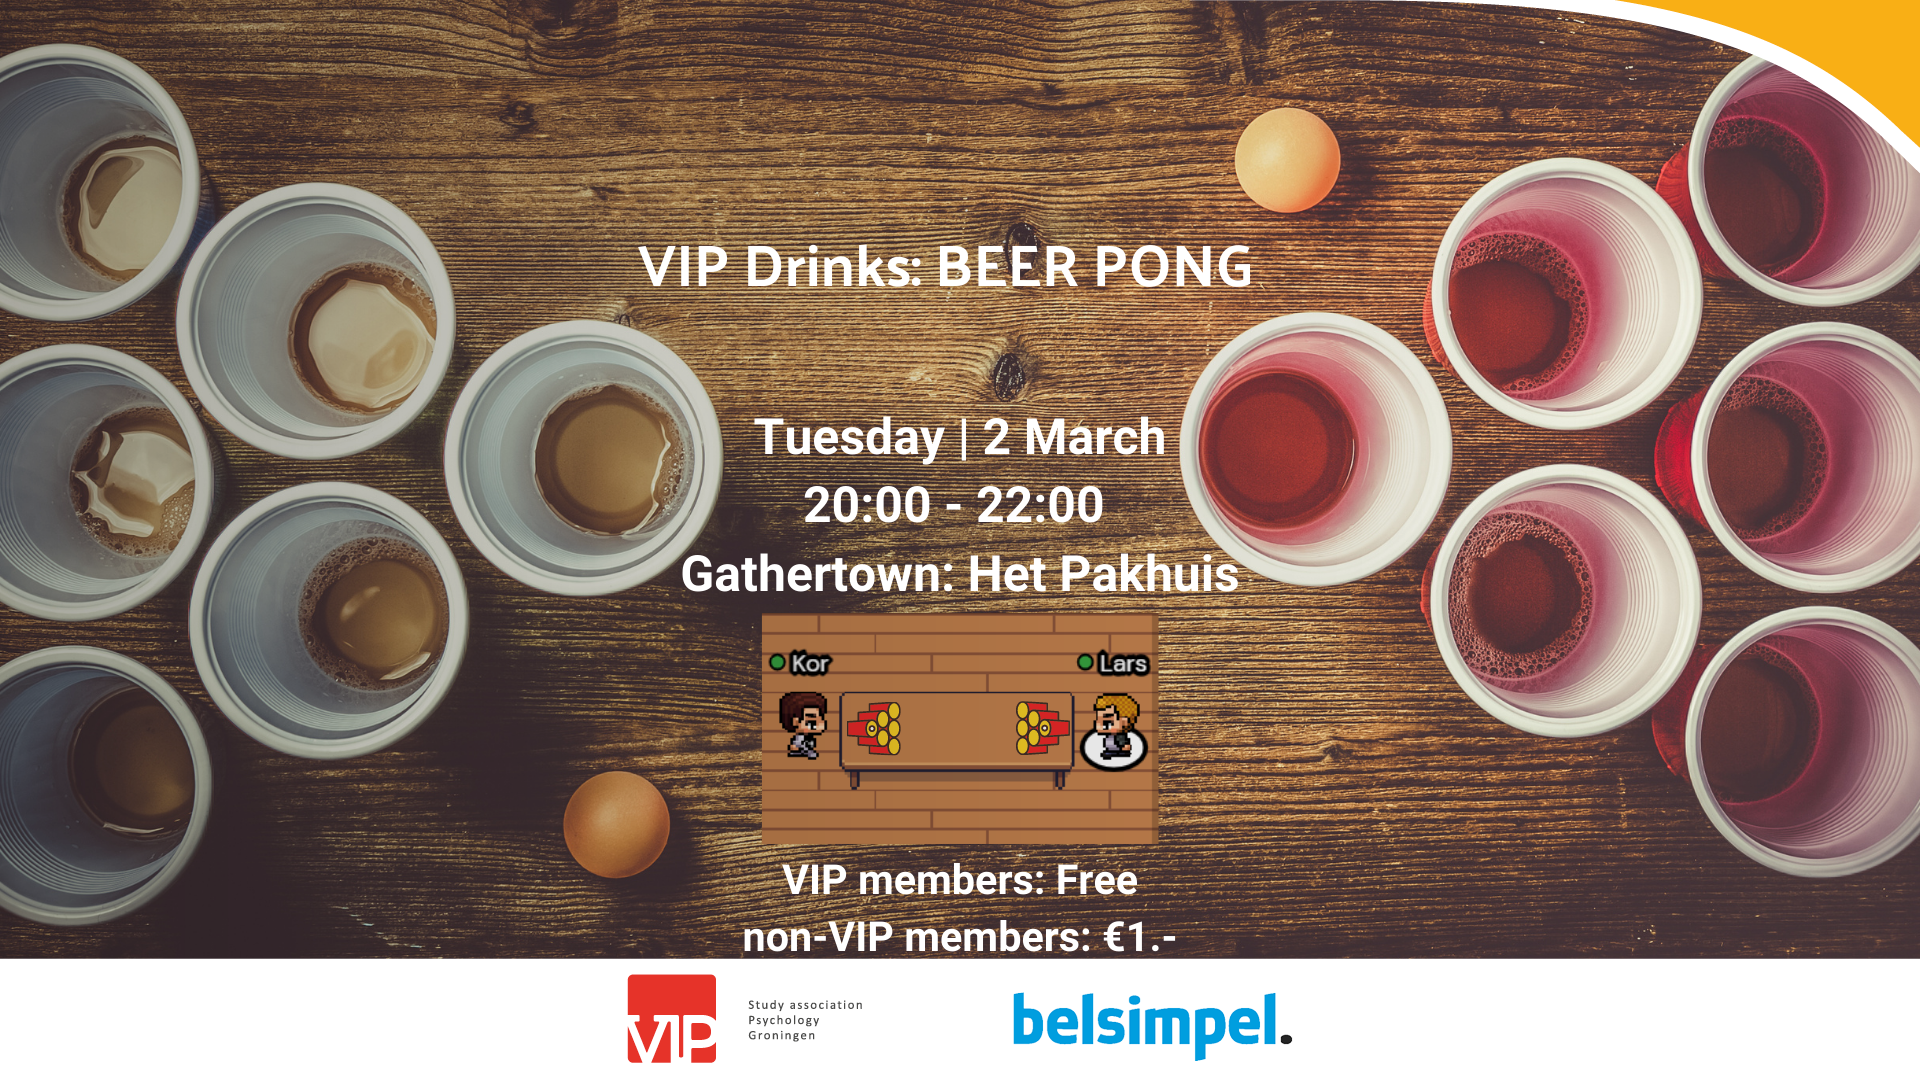 VIP Drinks: Beer Pong